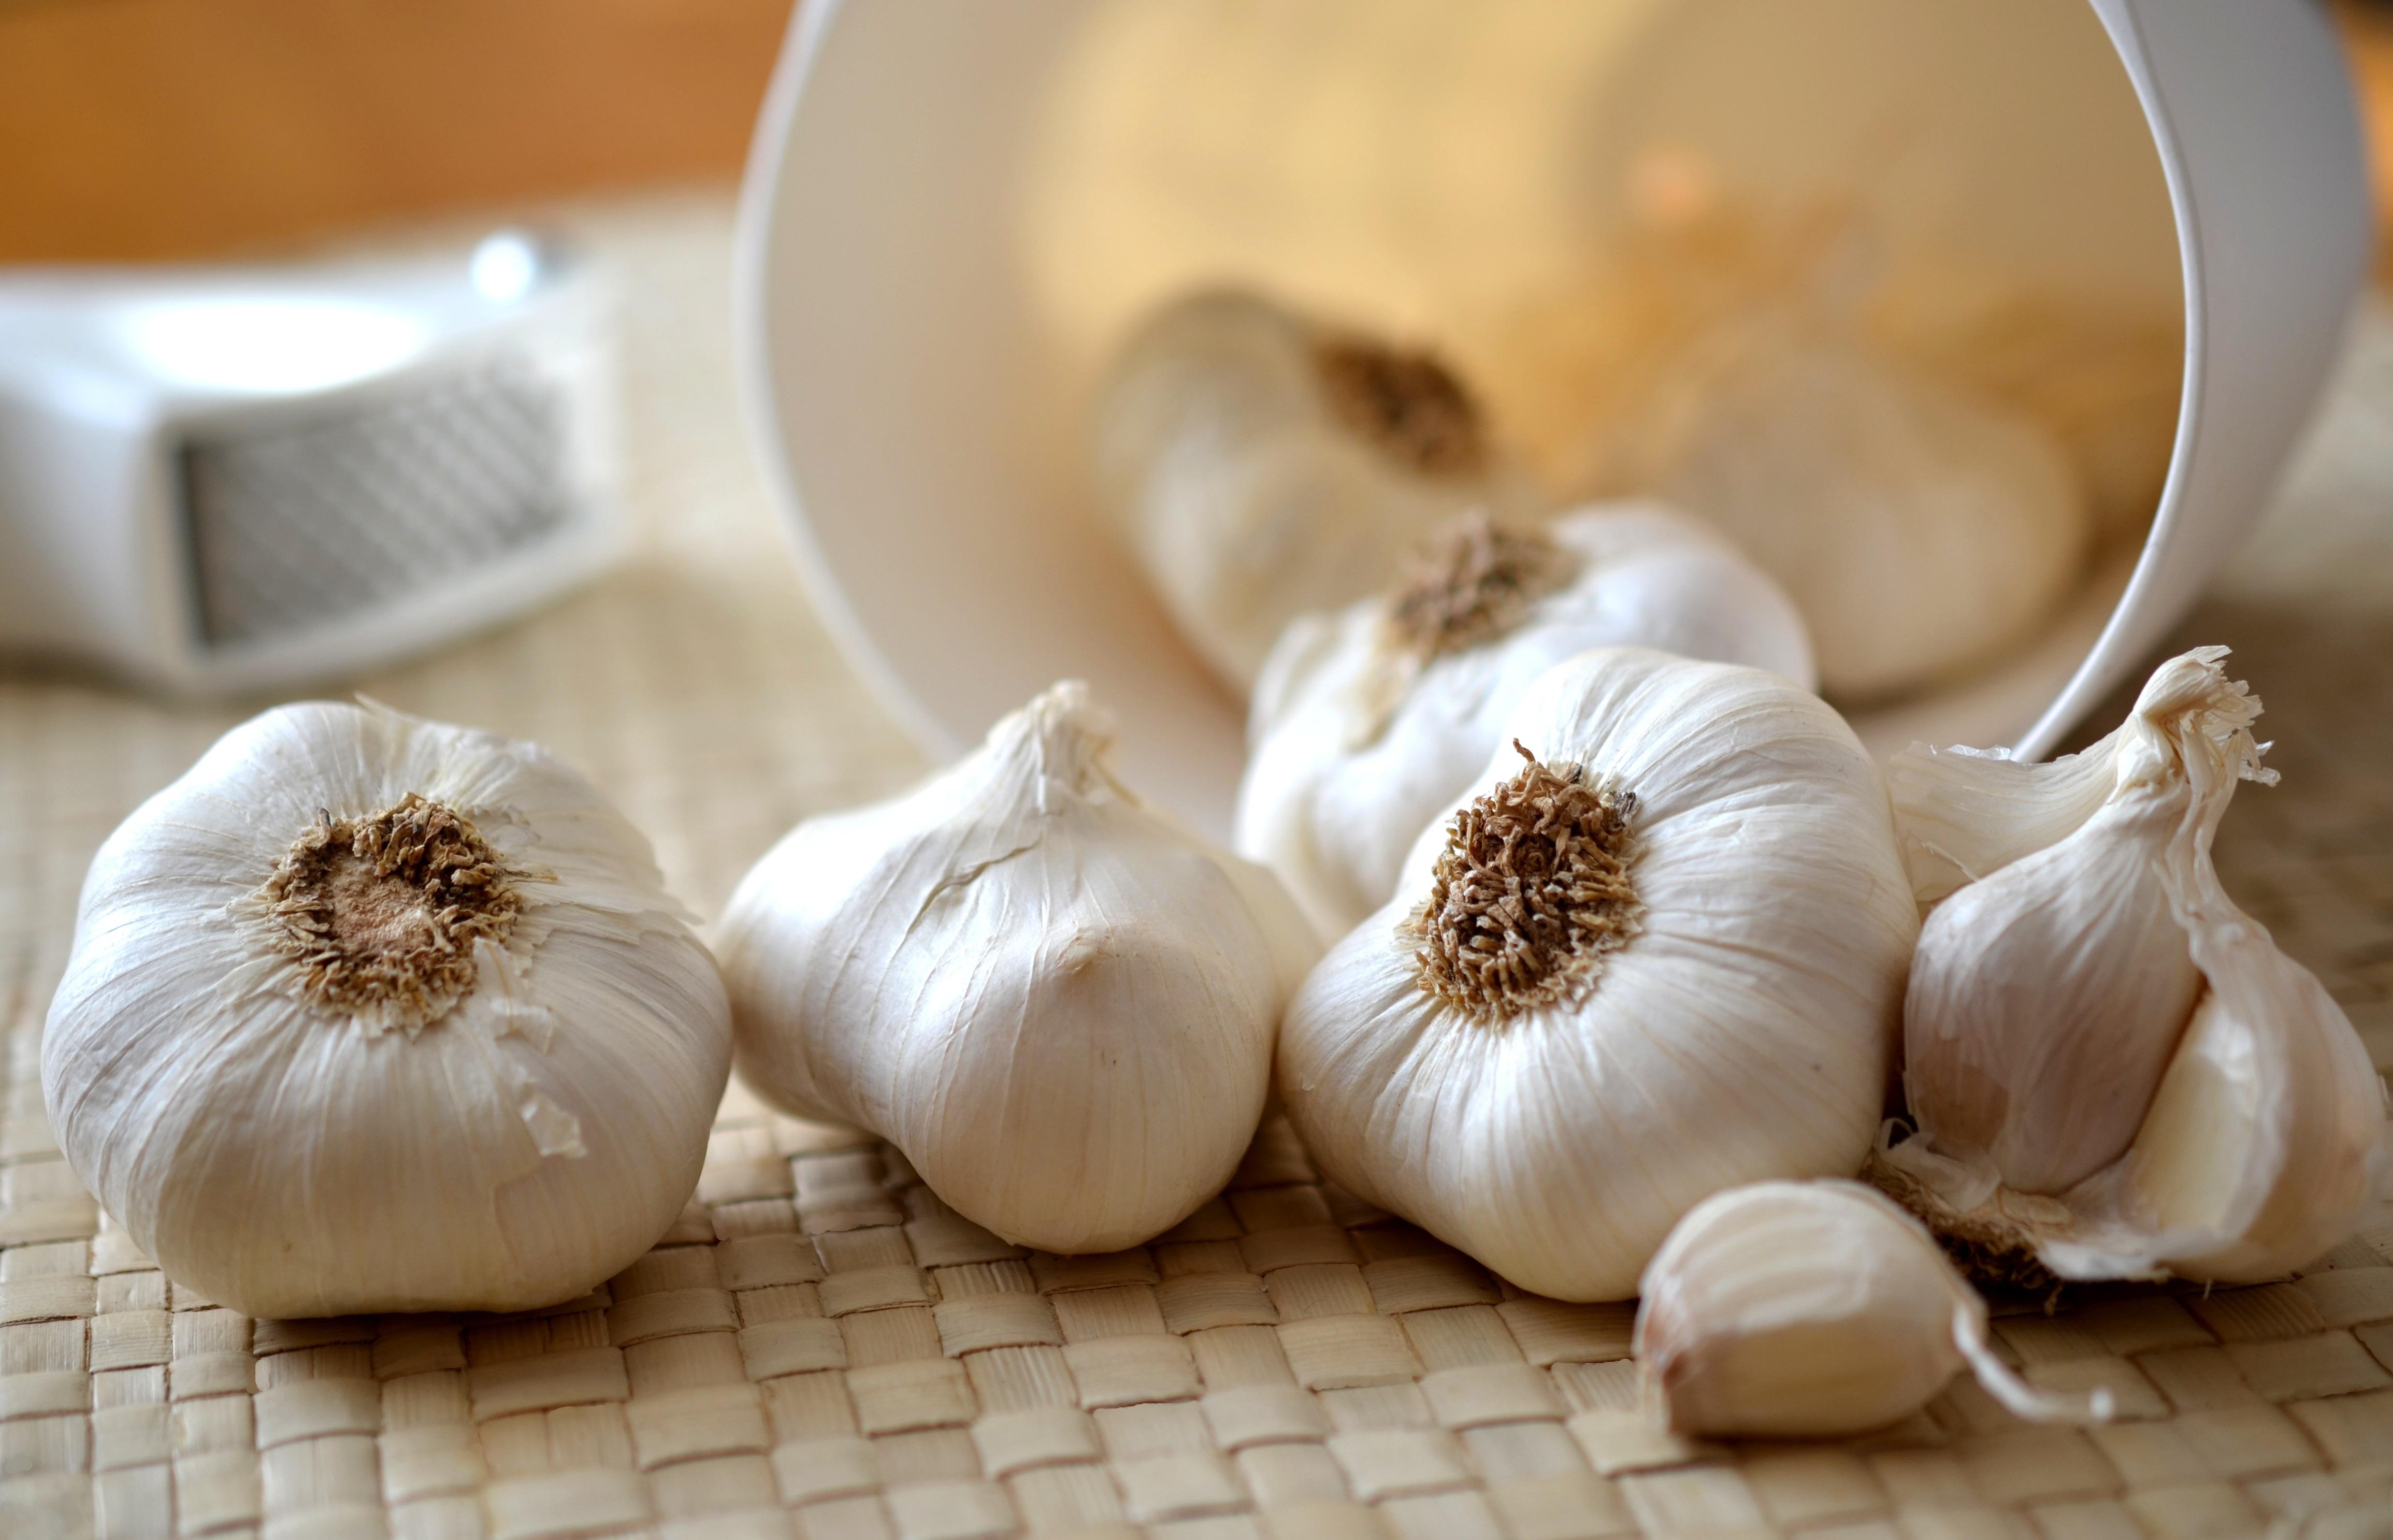 milyen ételeket nem szabad fogyasztani magas vérnyomás esetén